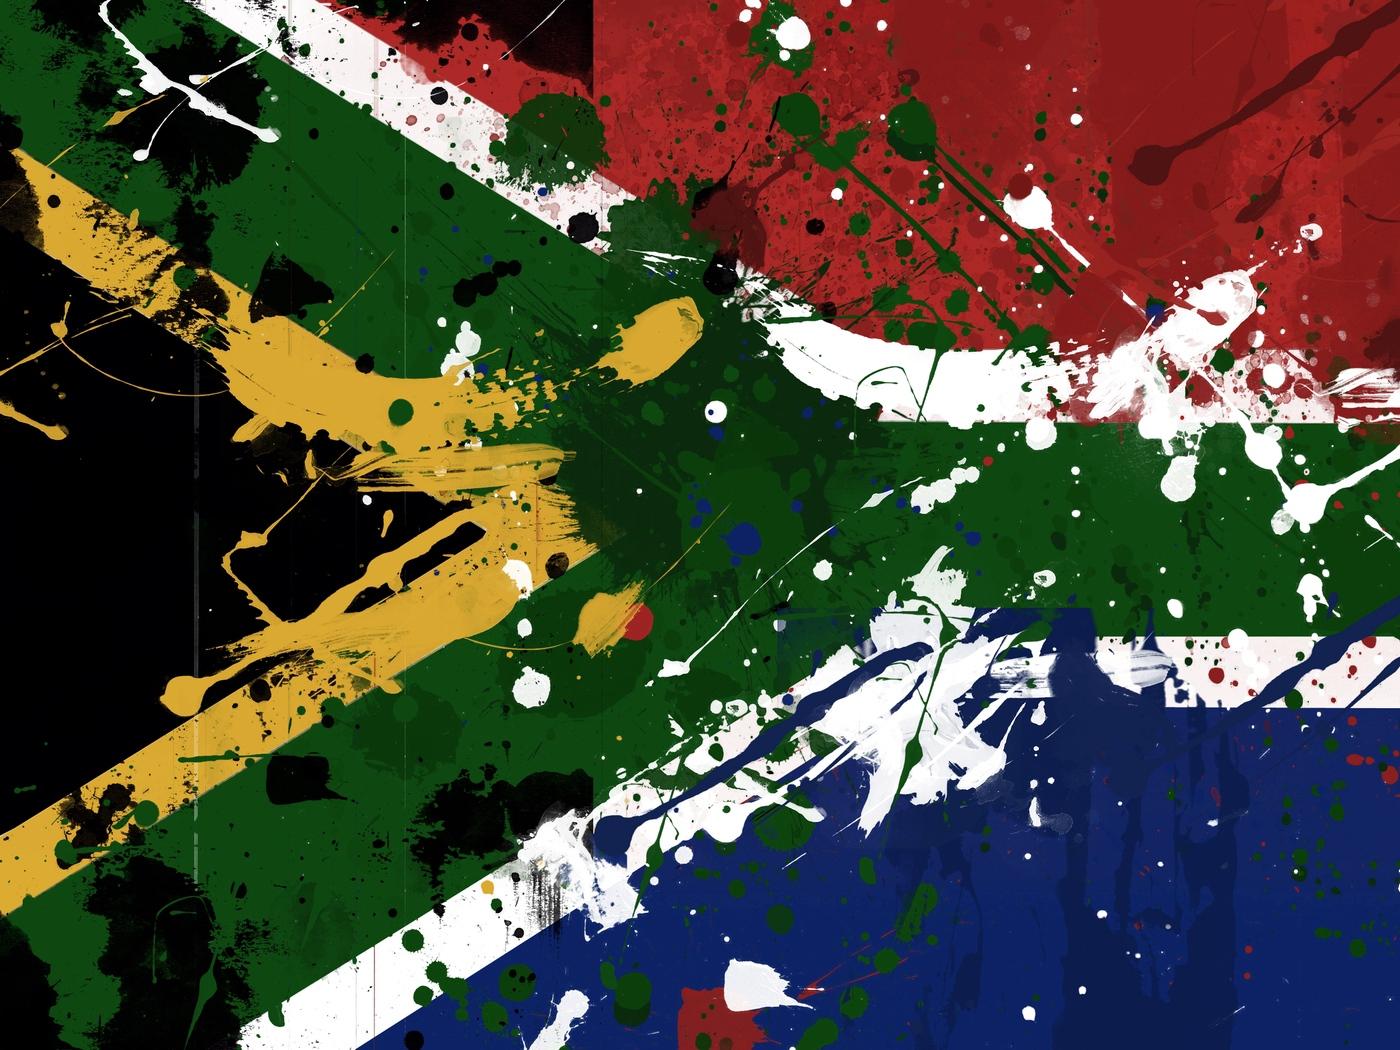 Afrikai orgia